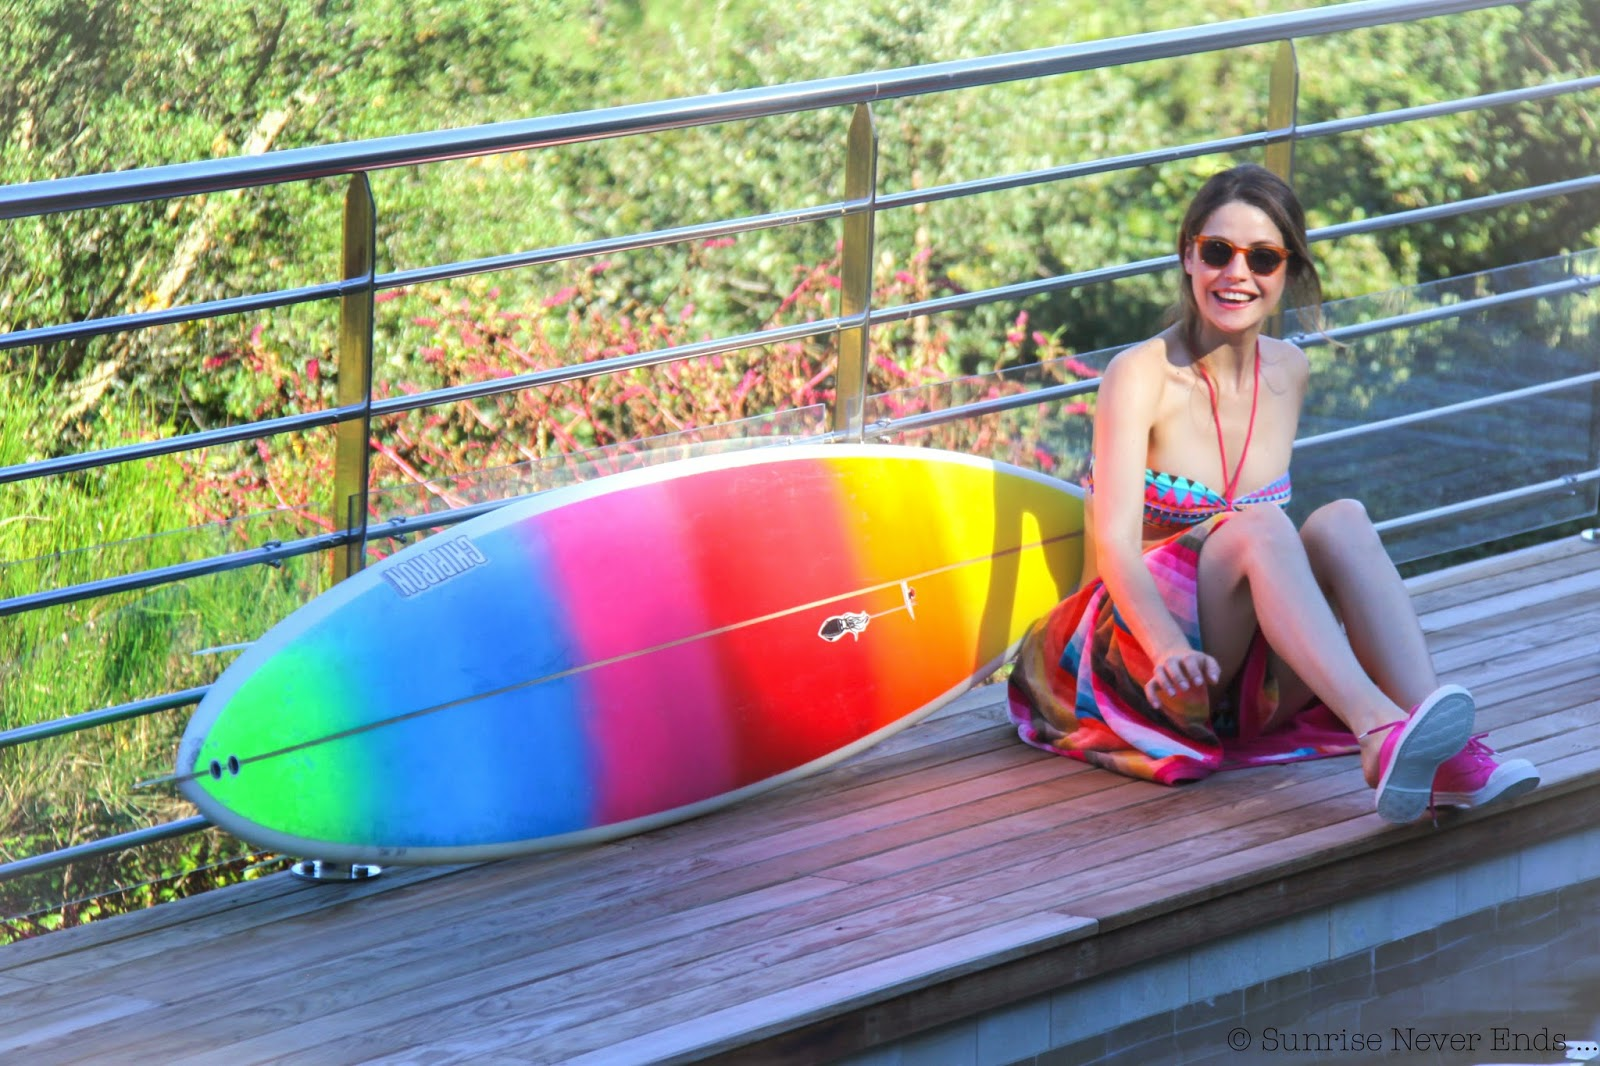 chipiron surfboards,la redoute,bensimon,hossegor,drap de plage,serviette de bain